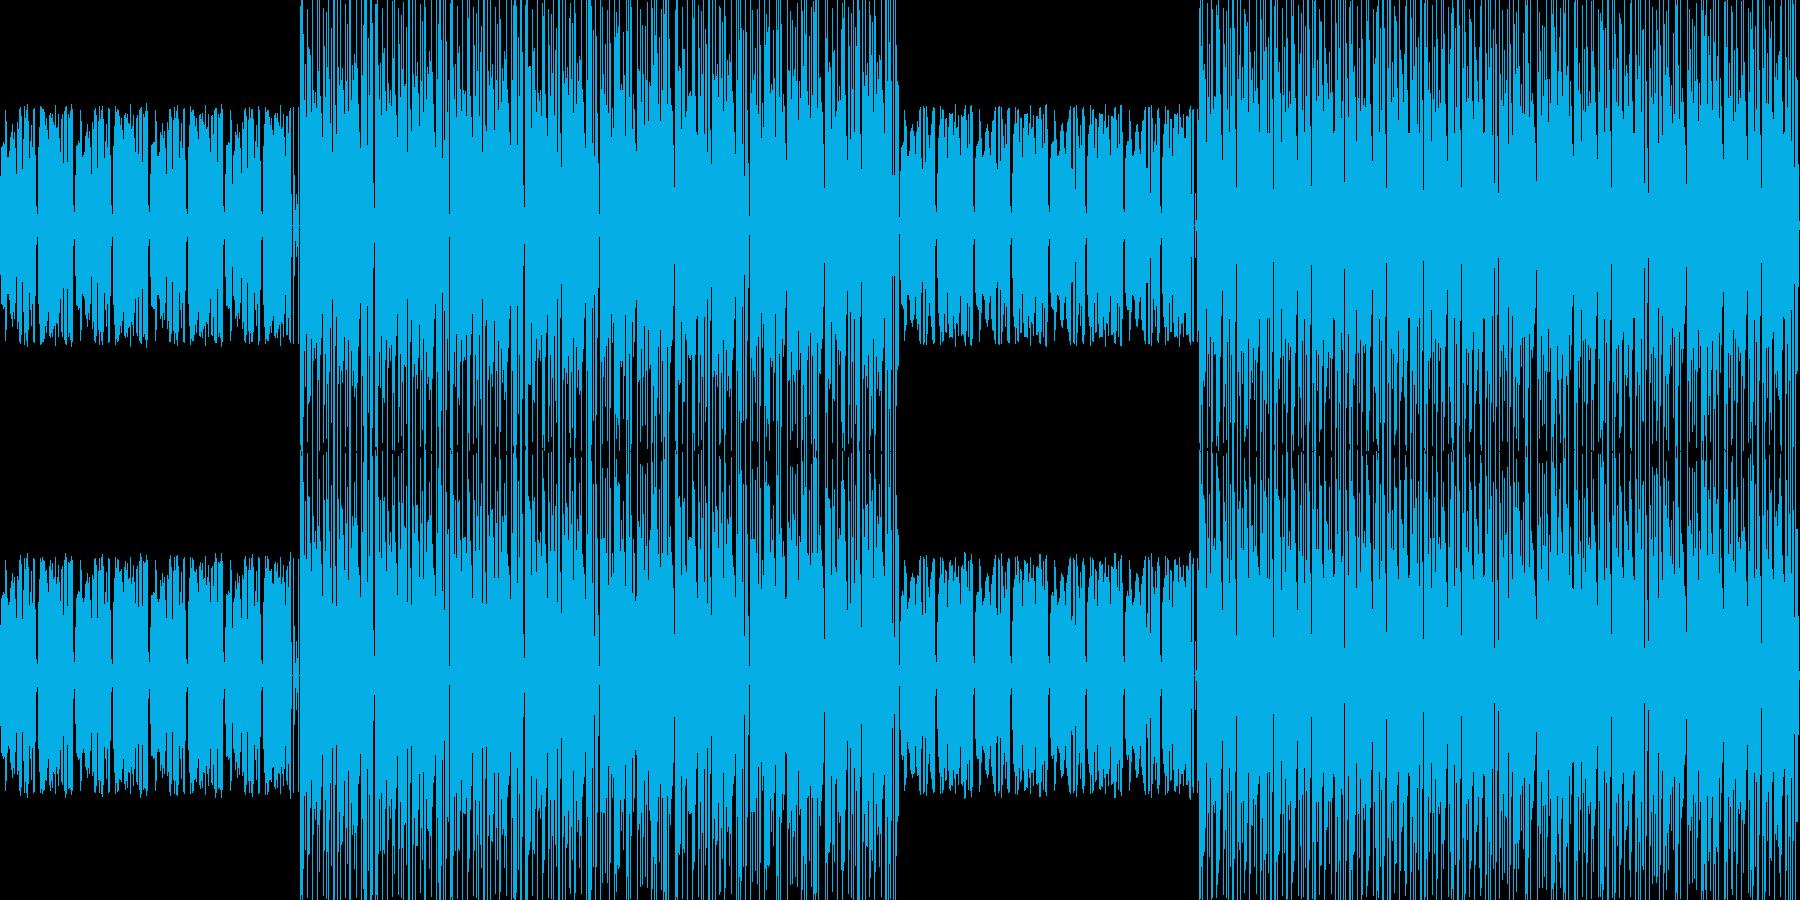 【アップテンポわくわくピアノJAZZ】の再生済みの波形